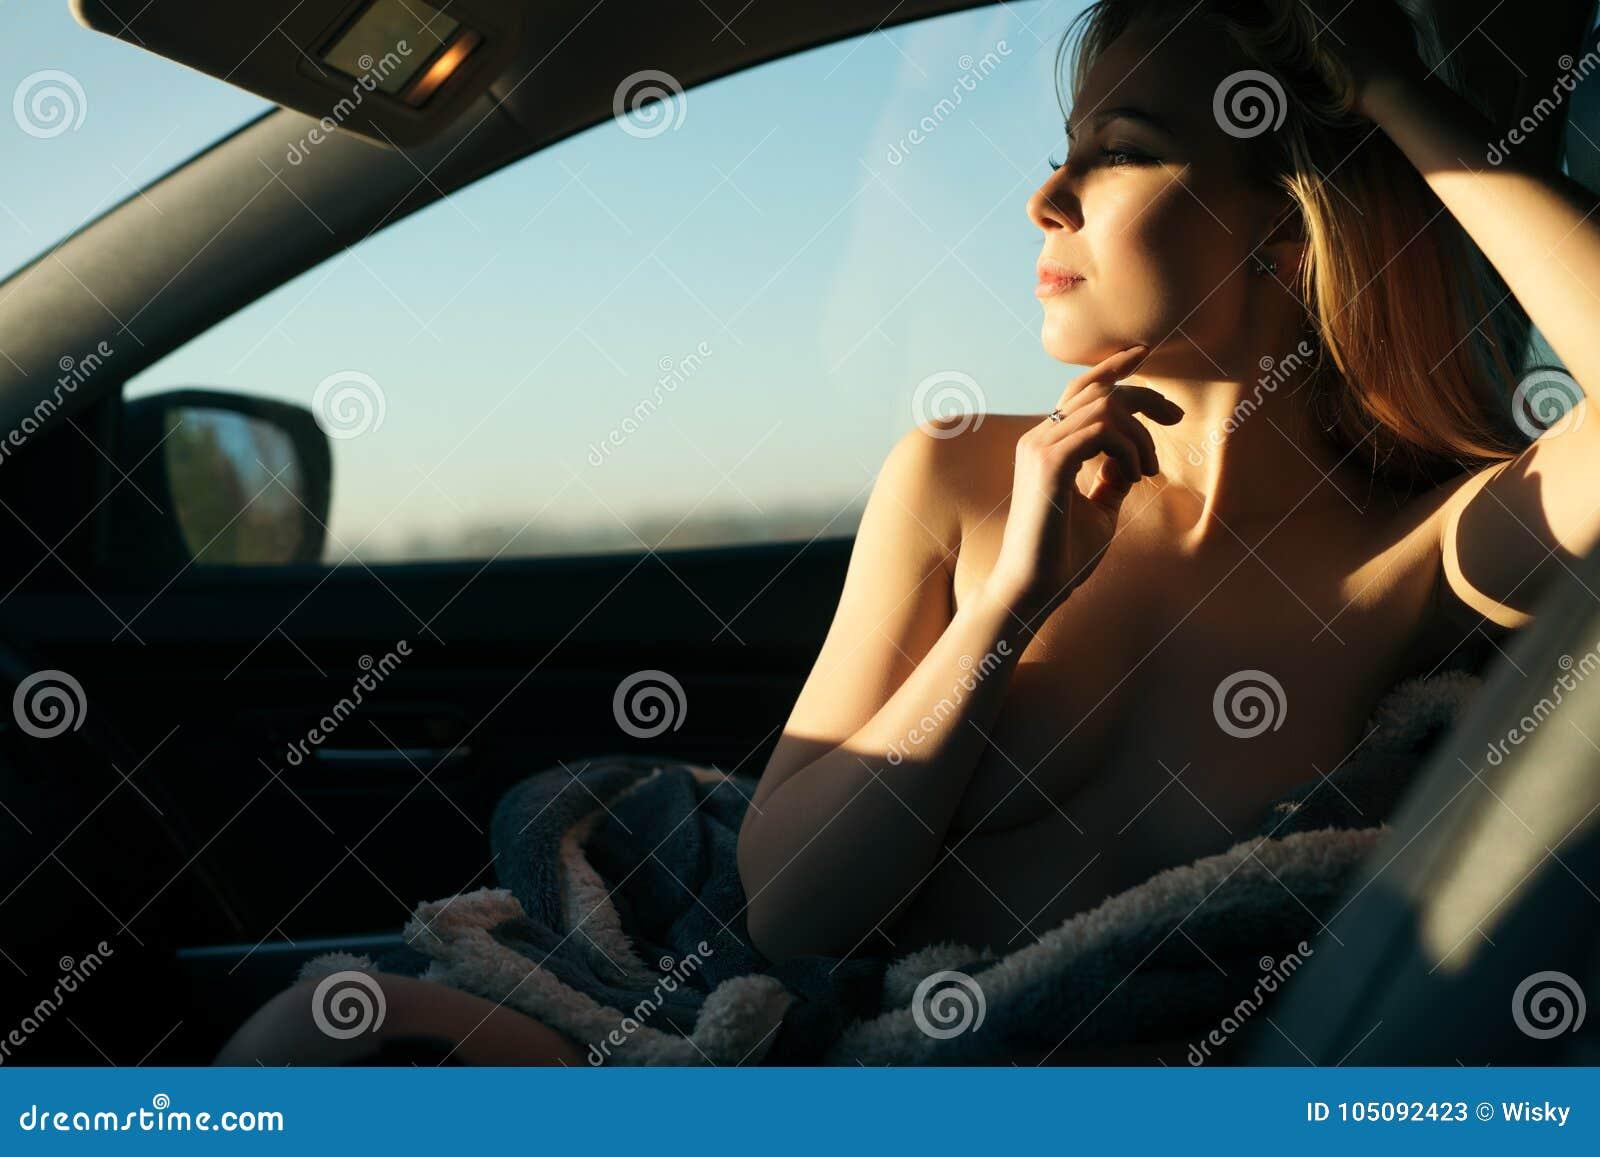 Romantisch Schot Van Een Naakte Vrouwenzitting In Een Auto Stock Afbeelding Image Of Gelukkig Manier 105092423